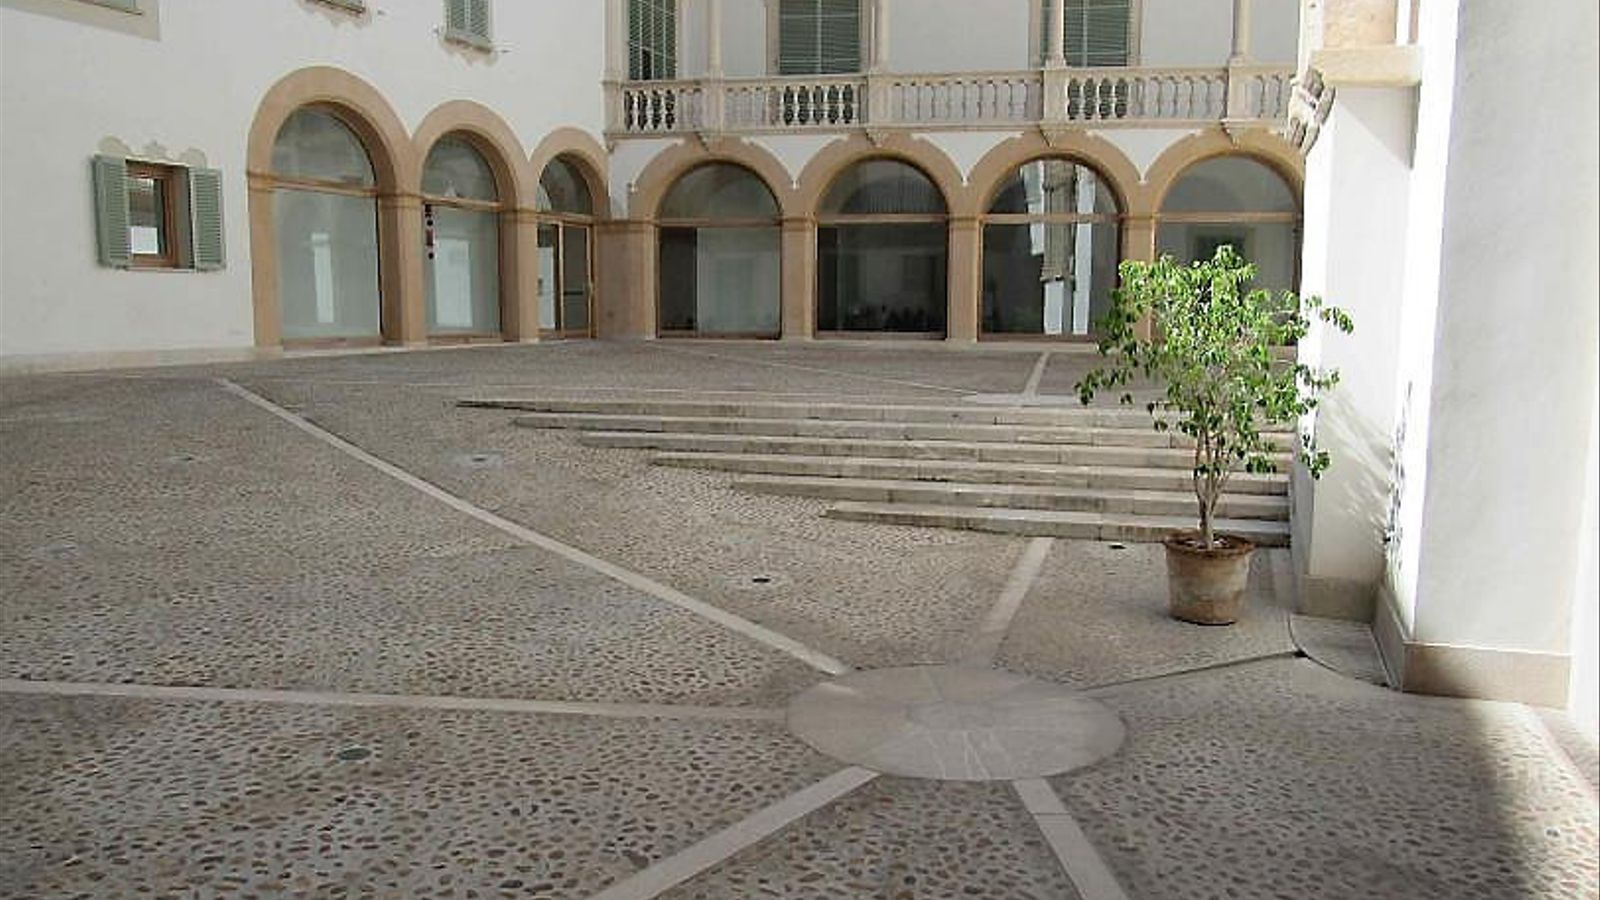 El govern de l'Estat ha d'autoritzar el traspàs de competències, atès que és el titular del Museu de Mallorca.